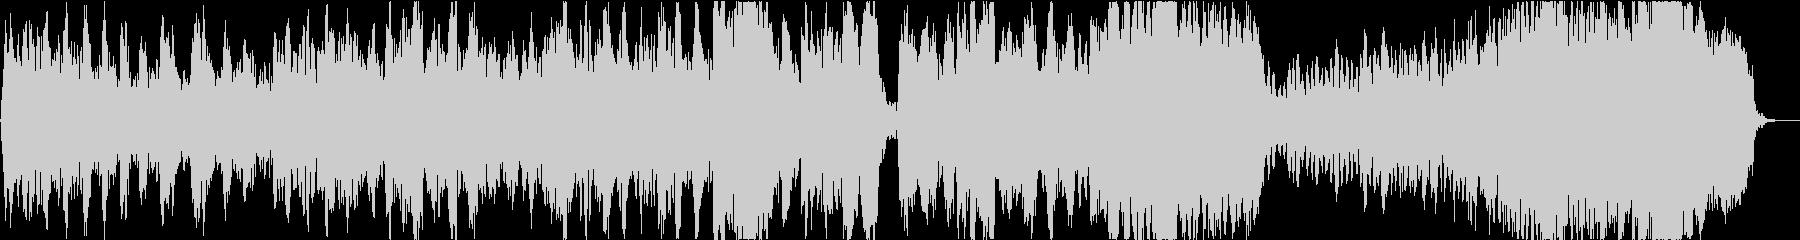 バッハ 無伴奏チェロ組曲「プレリュード」の未再生の波形